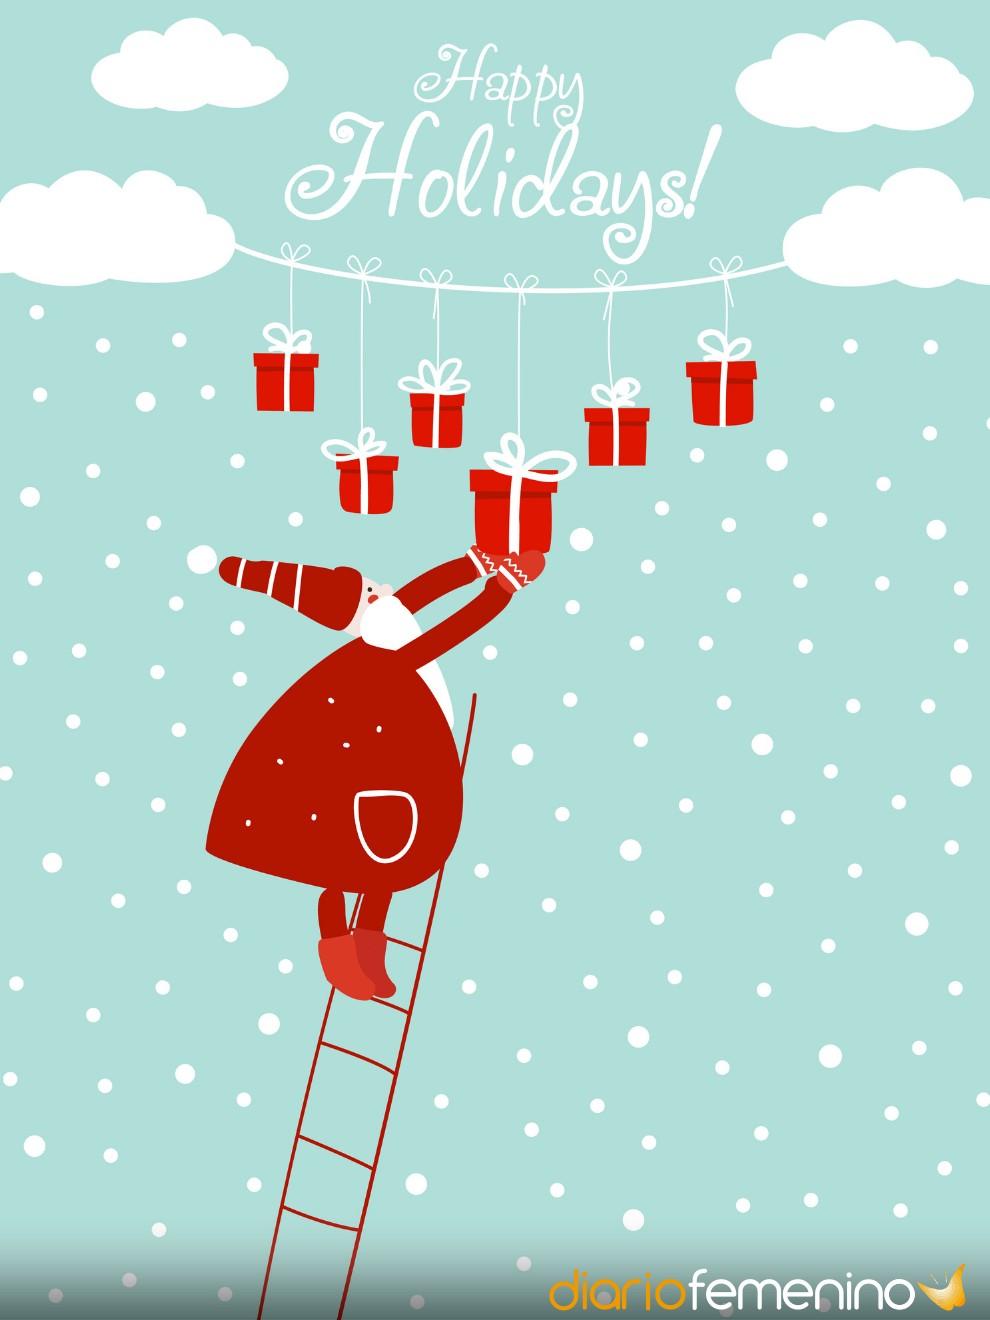 Tarjetas de Navidad con mensaje para felicitar a toda tu familia (padres, primos…)